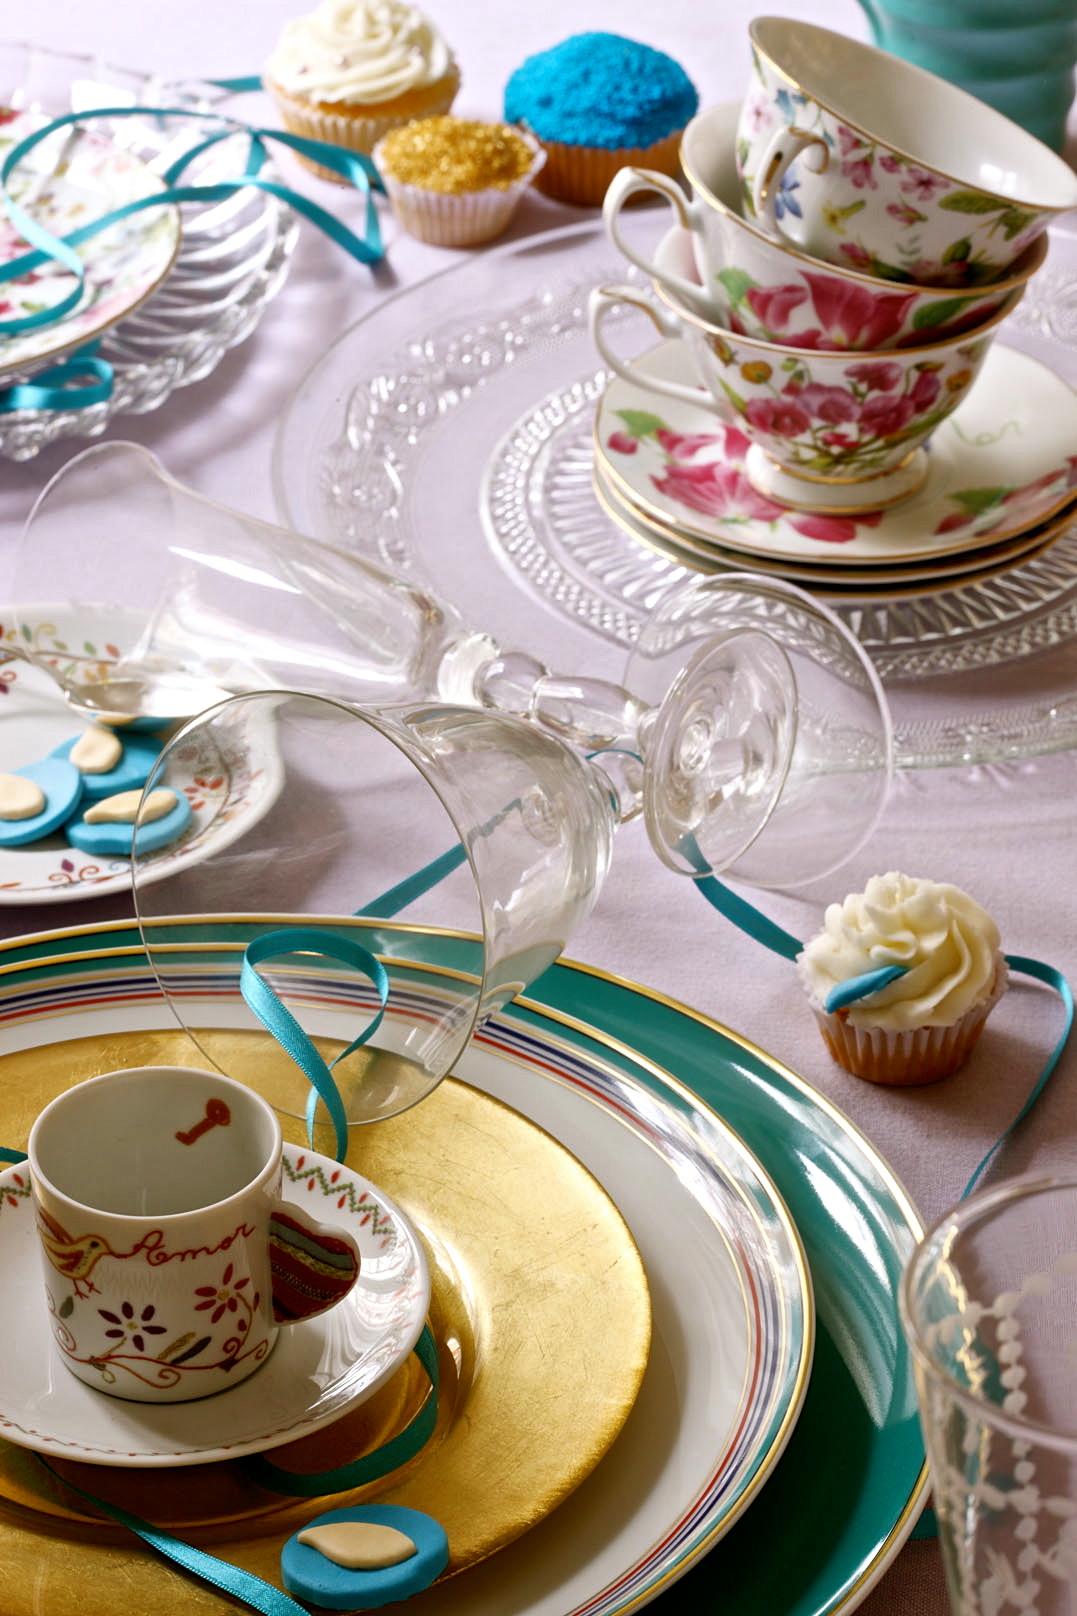 decoración mesas y centros para eventos y fiestas de Bautizo y Comunión